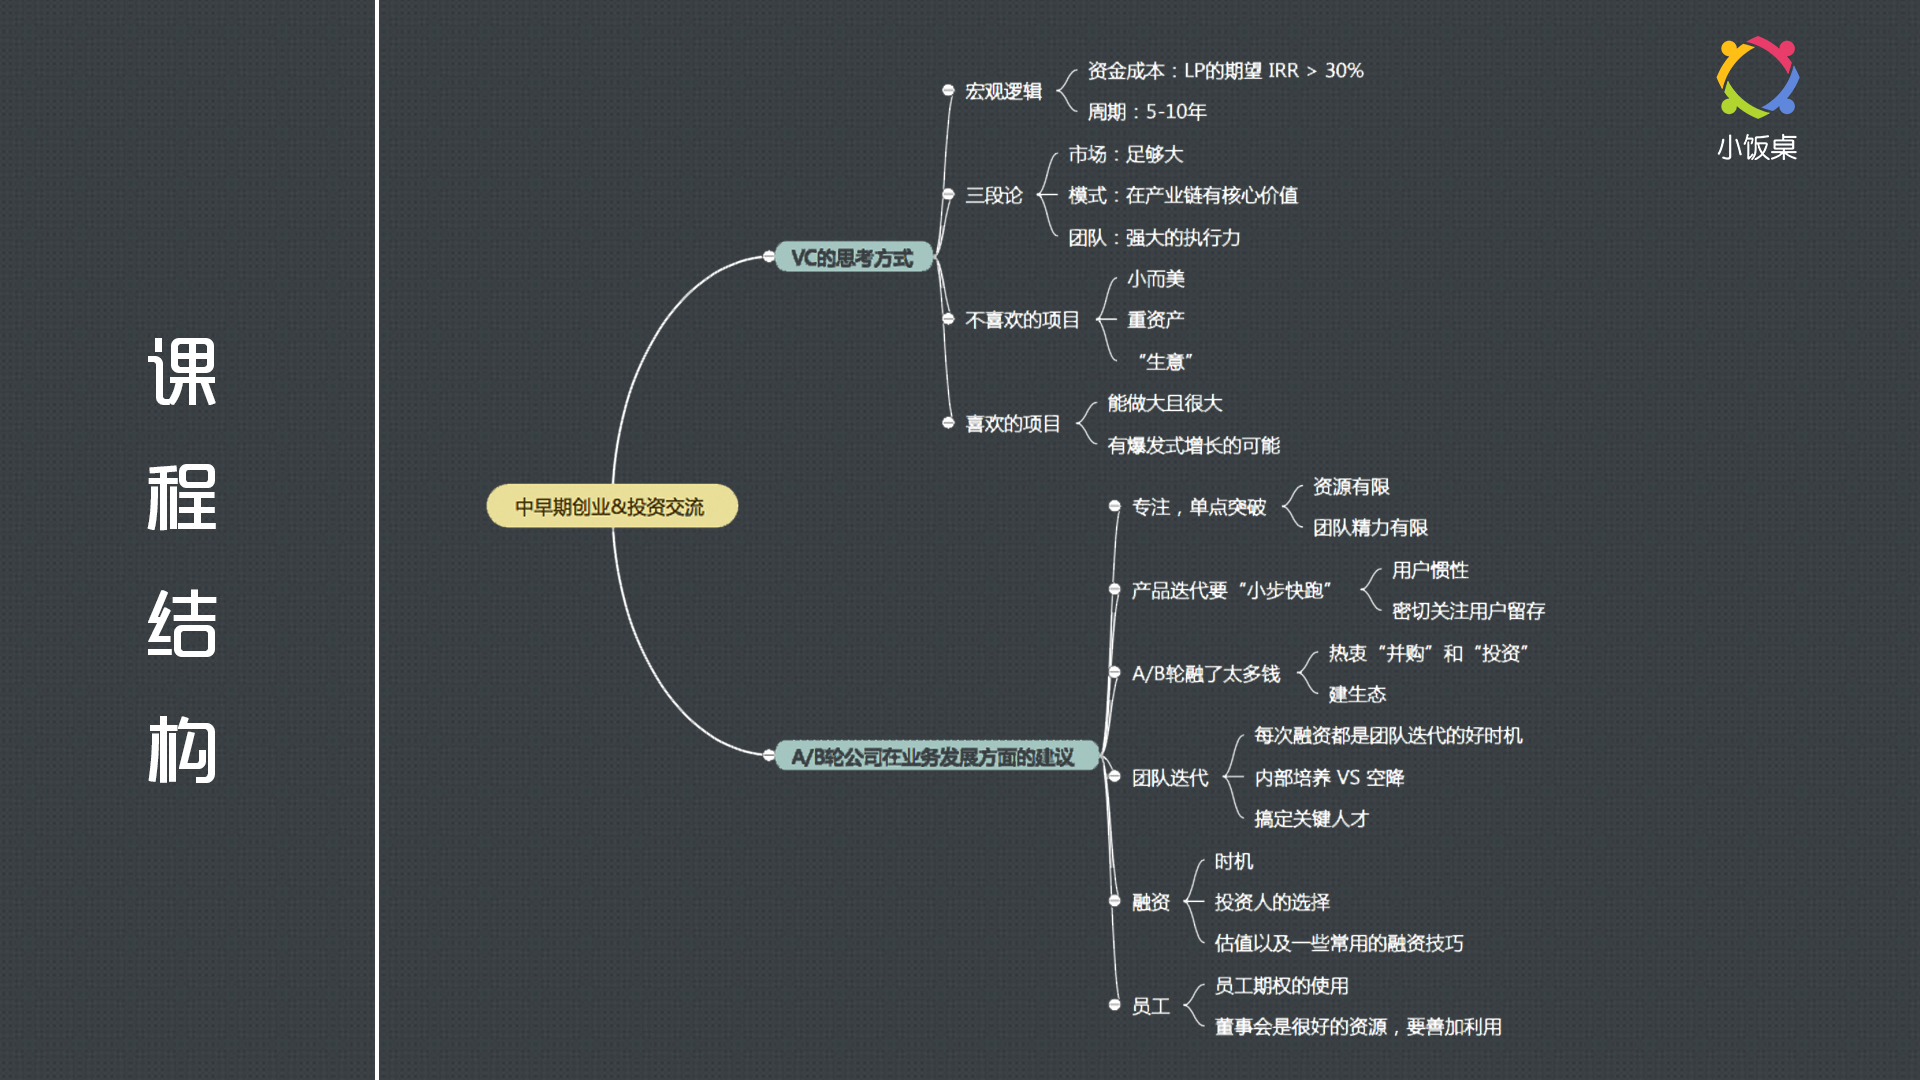 思维导图-王世雨.jpg